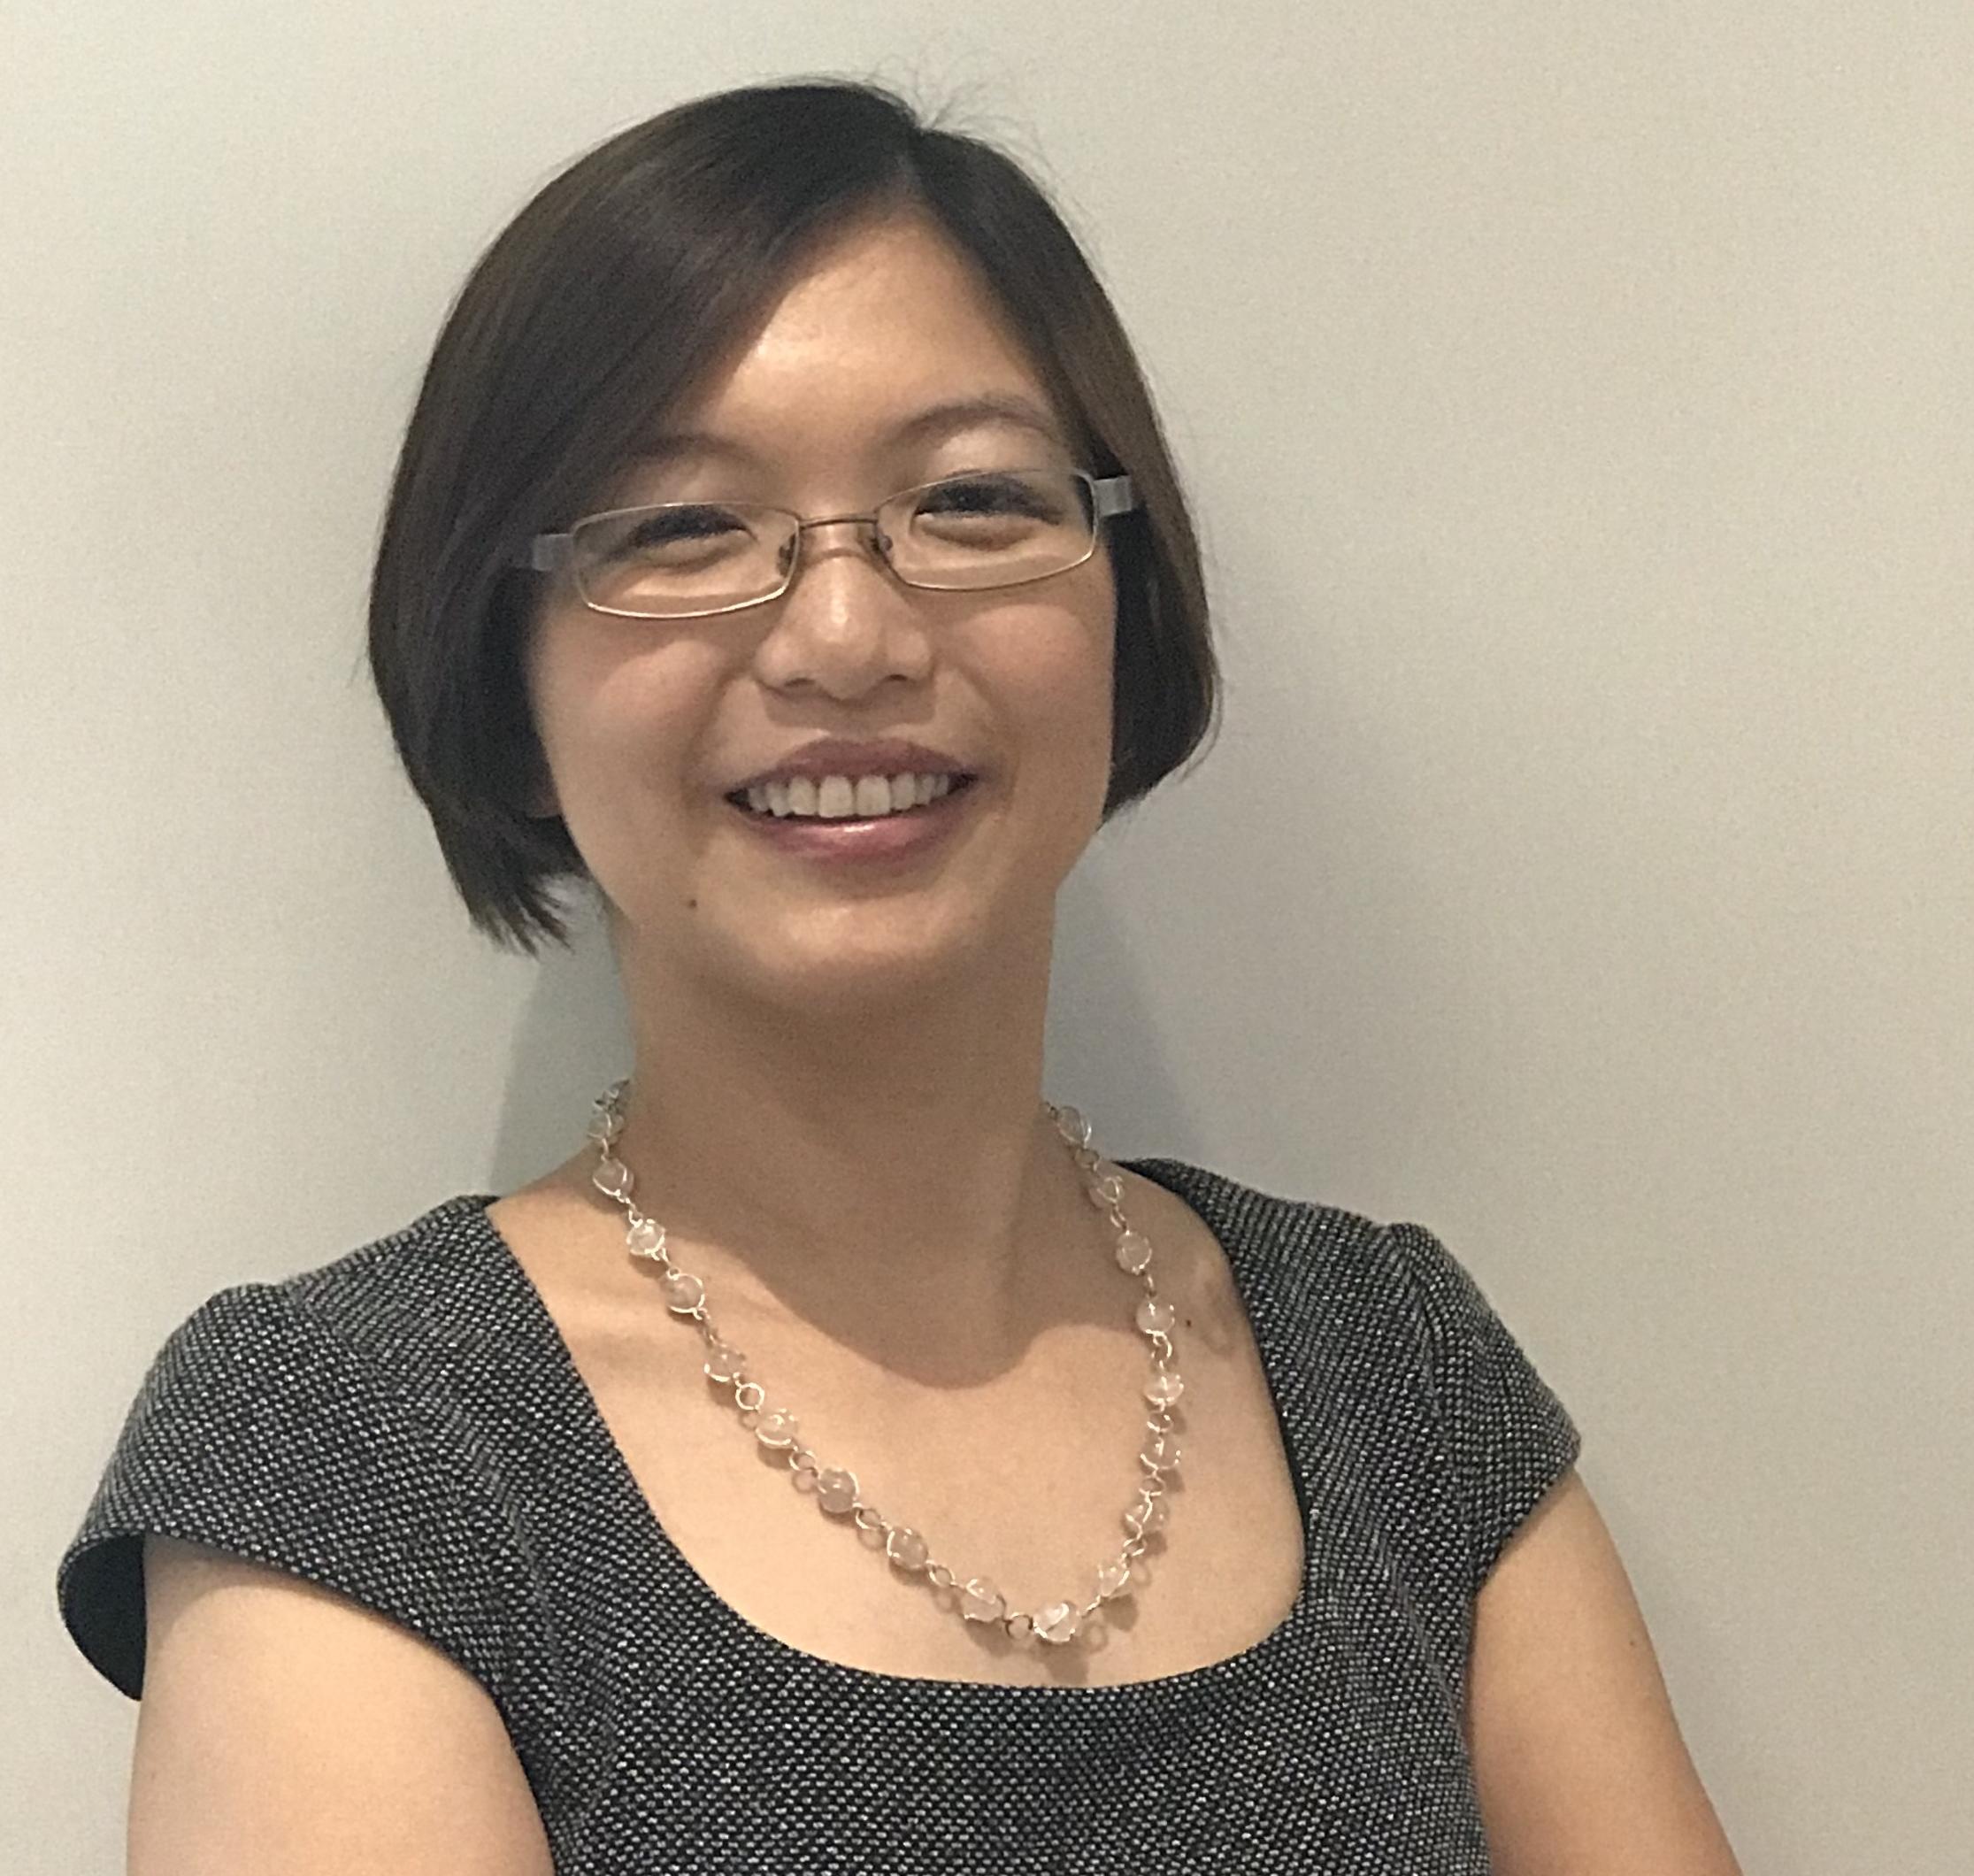 Picture of Carol Pang